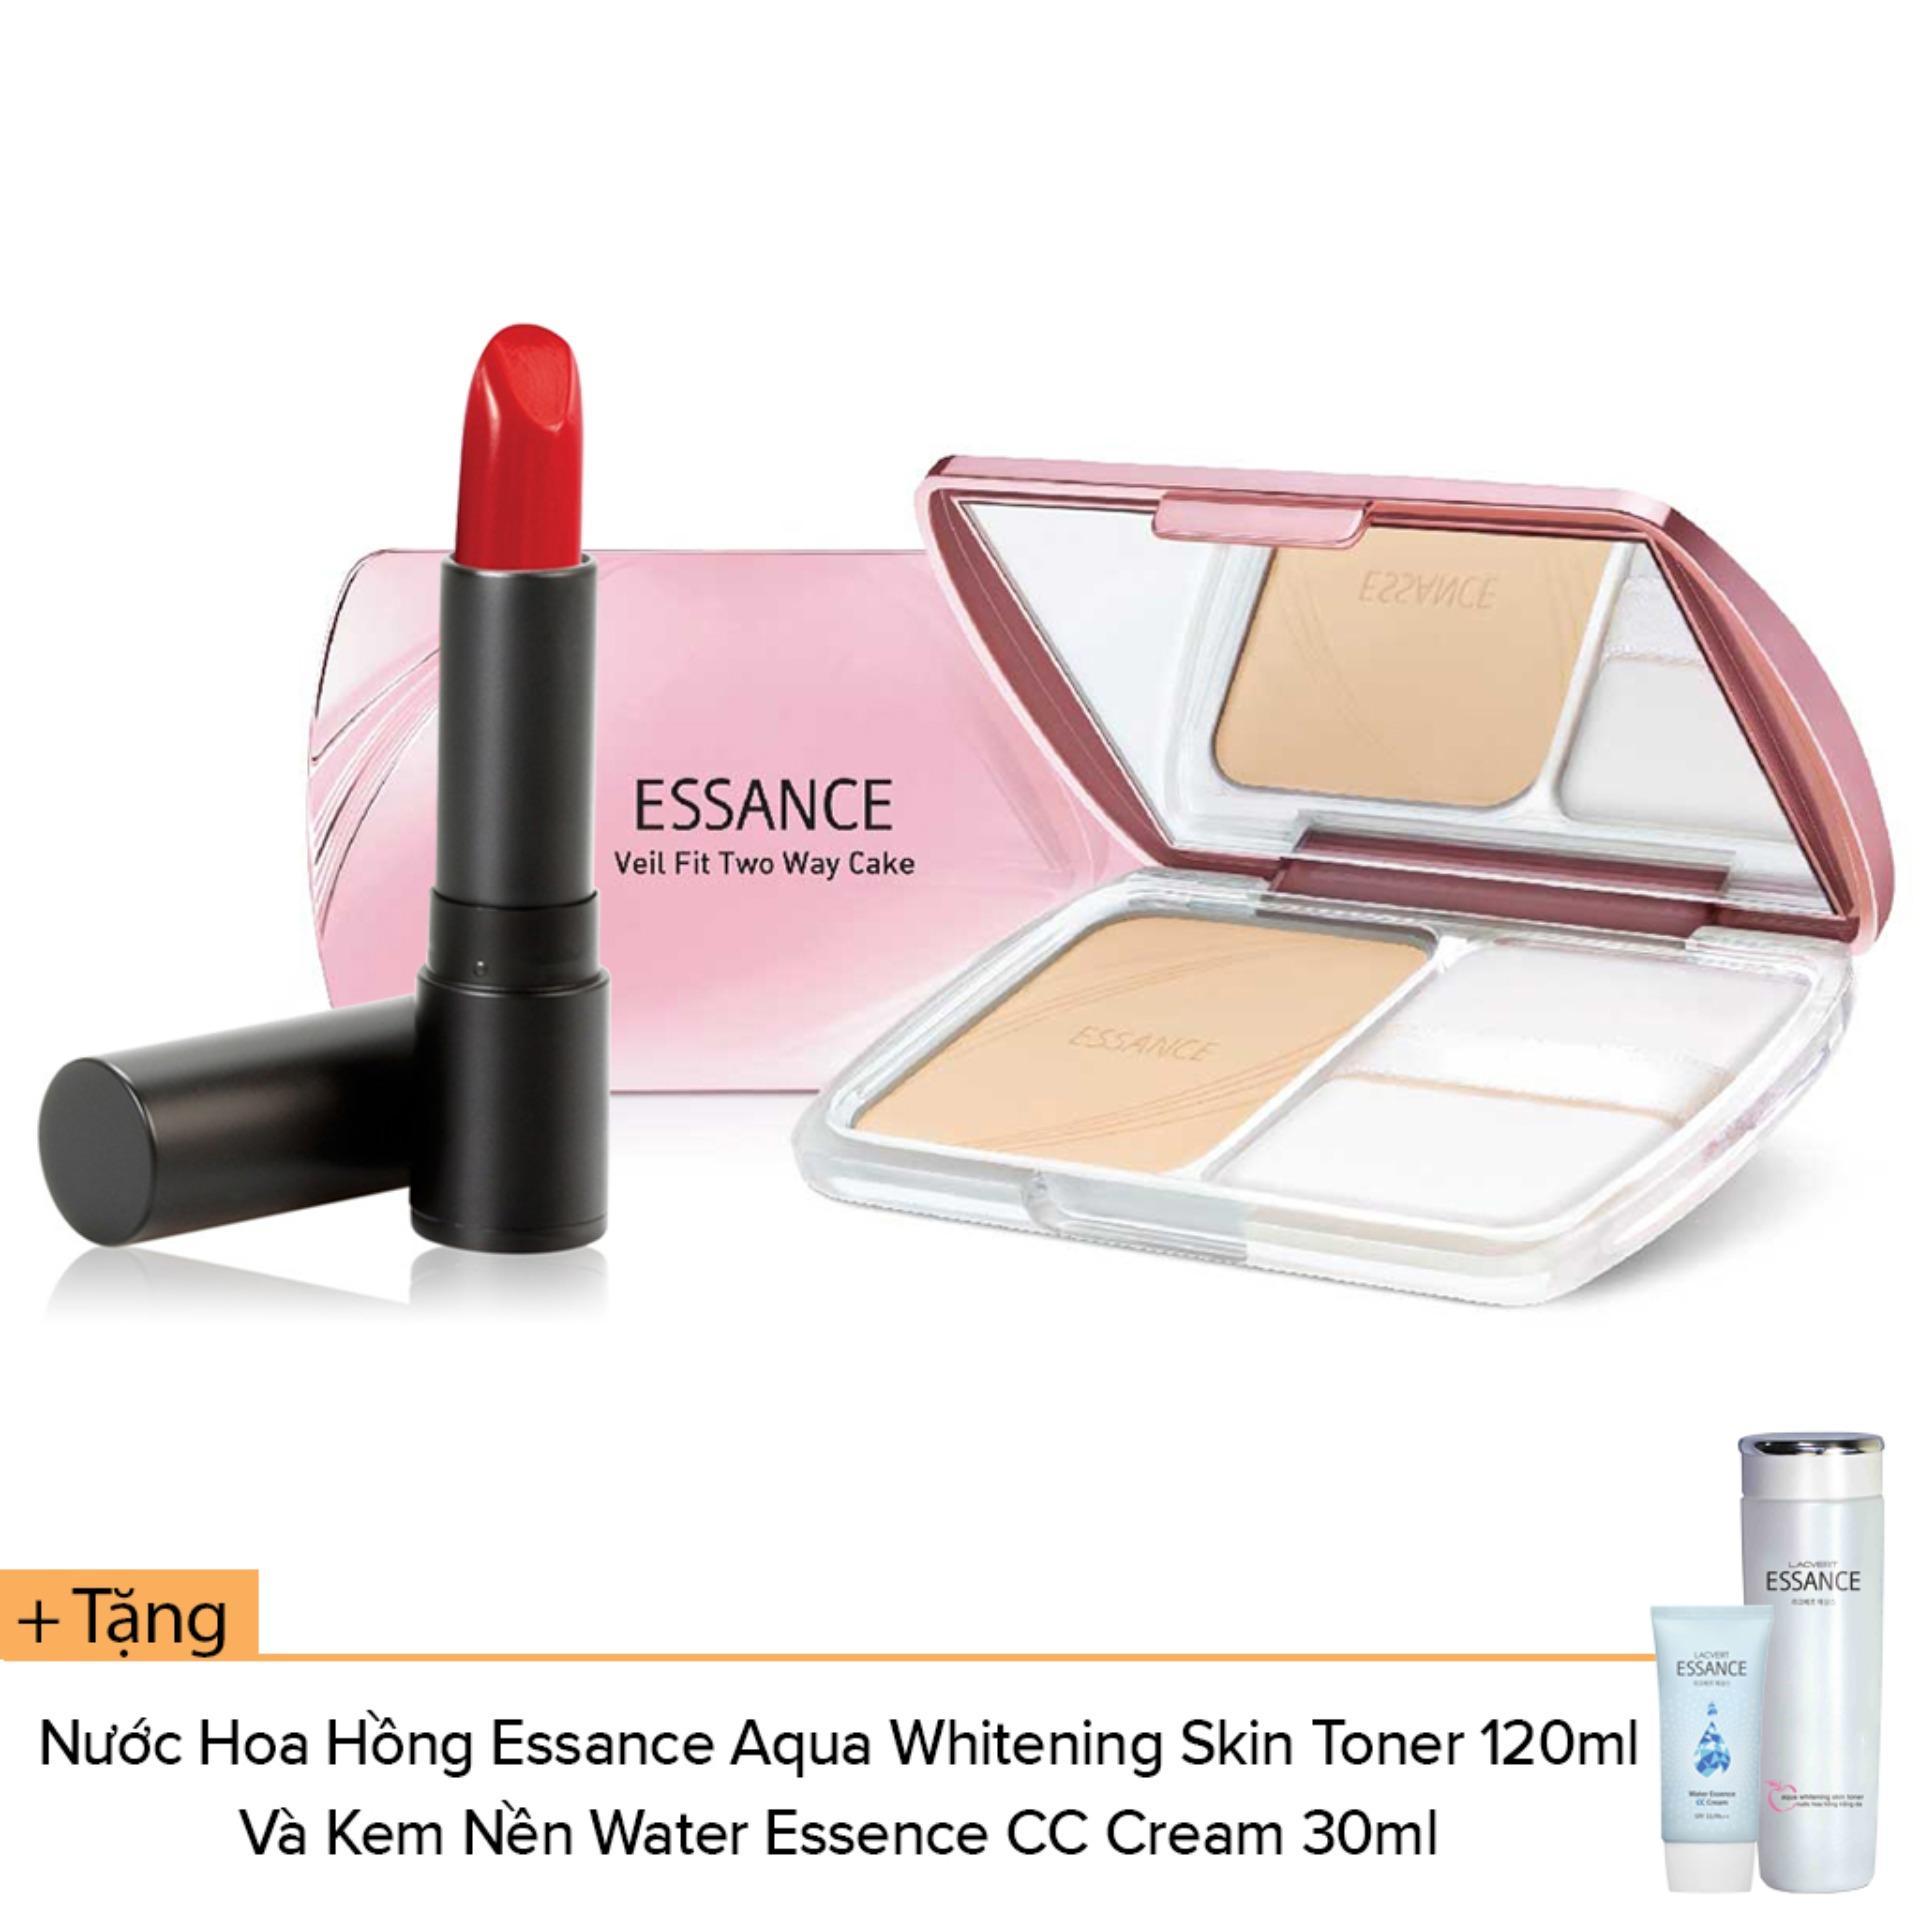 Bộ Mỹ Phẩm Son Lì Matte Lipstick #442, Phấn Phủ Siêu Mịn Veil Fit #13, Tặng Nước Hoa Hồng Trắng Da Aqua Whitening Và CC Cream #10